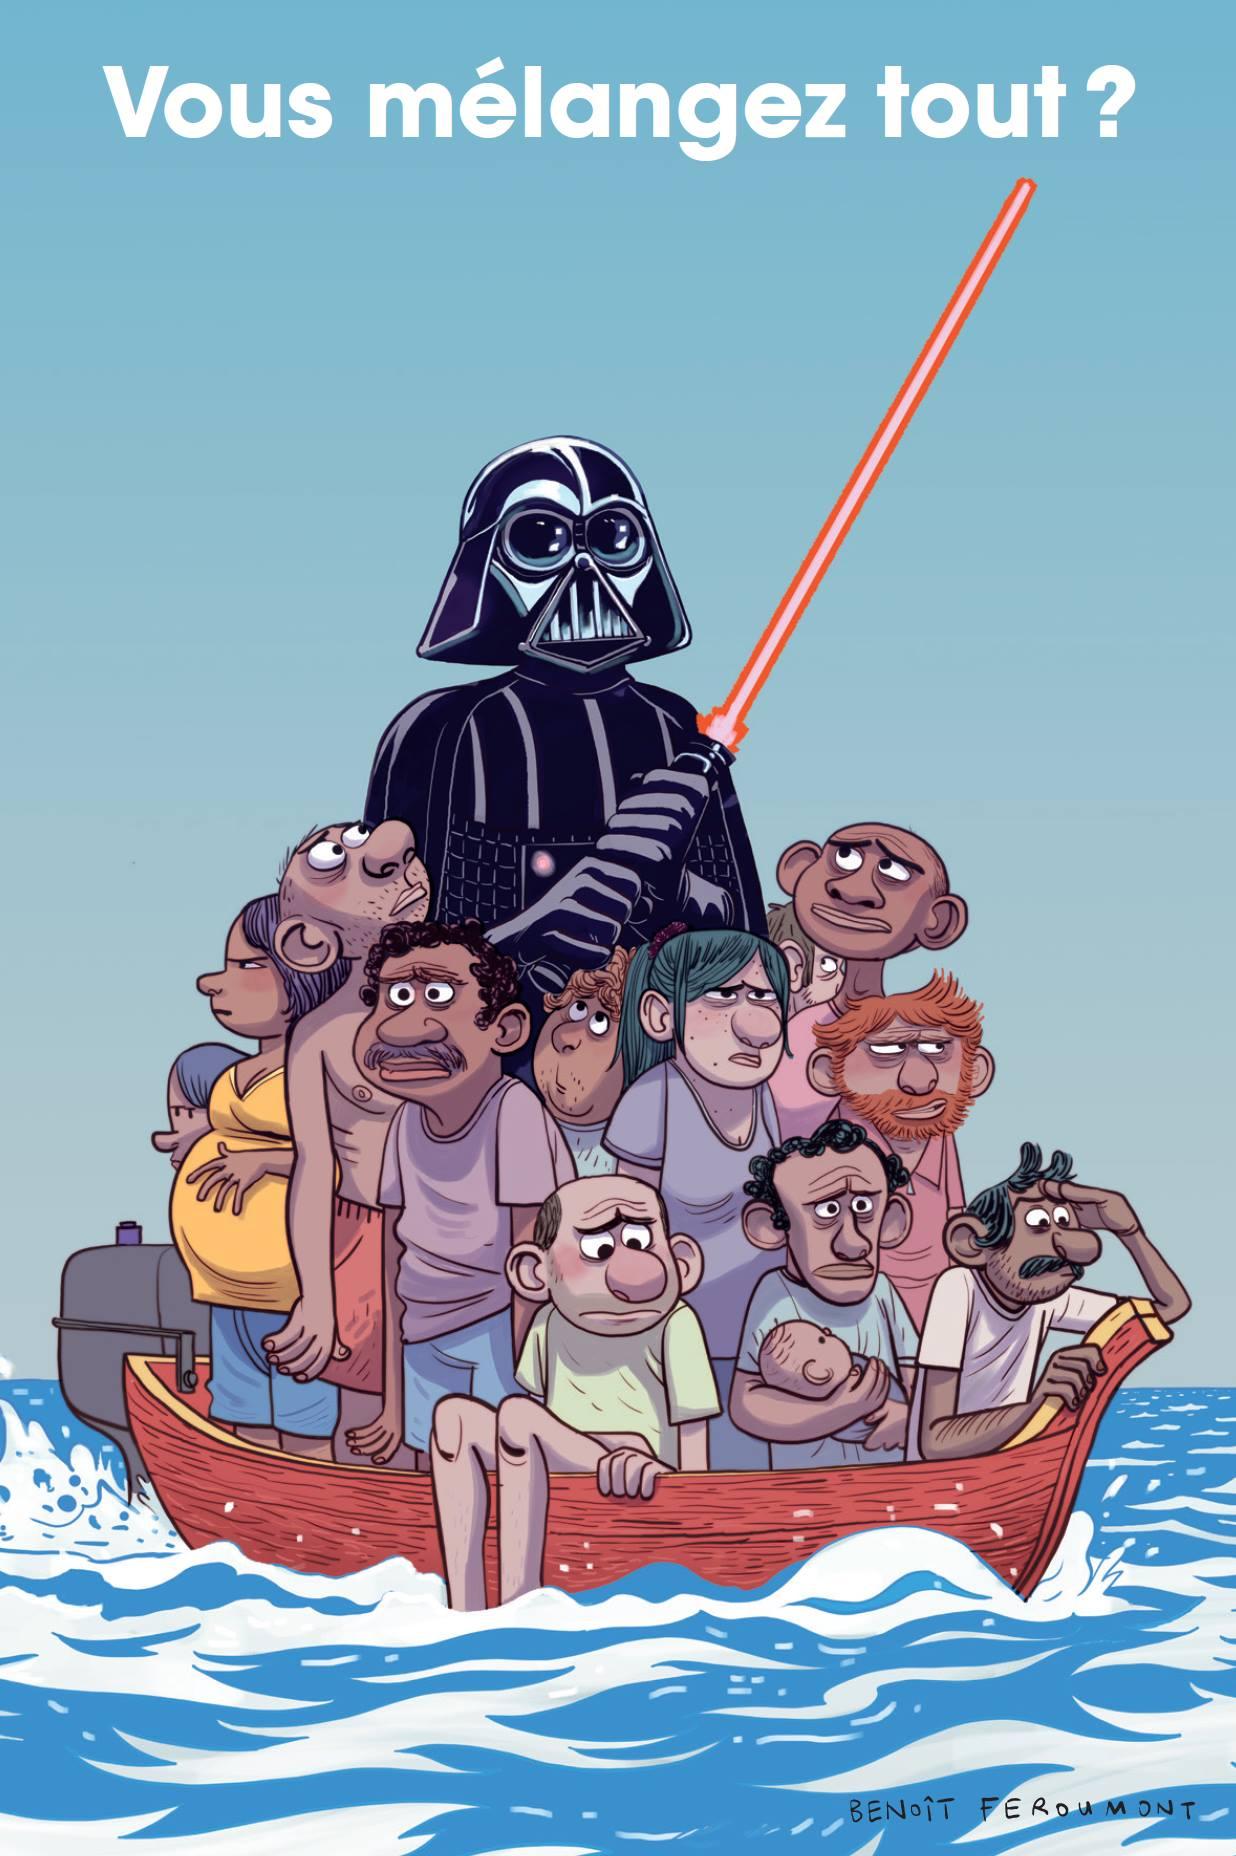 Groom - Spirou - Dupuis - Teaser - Migrants - Star Wars